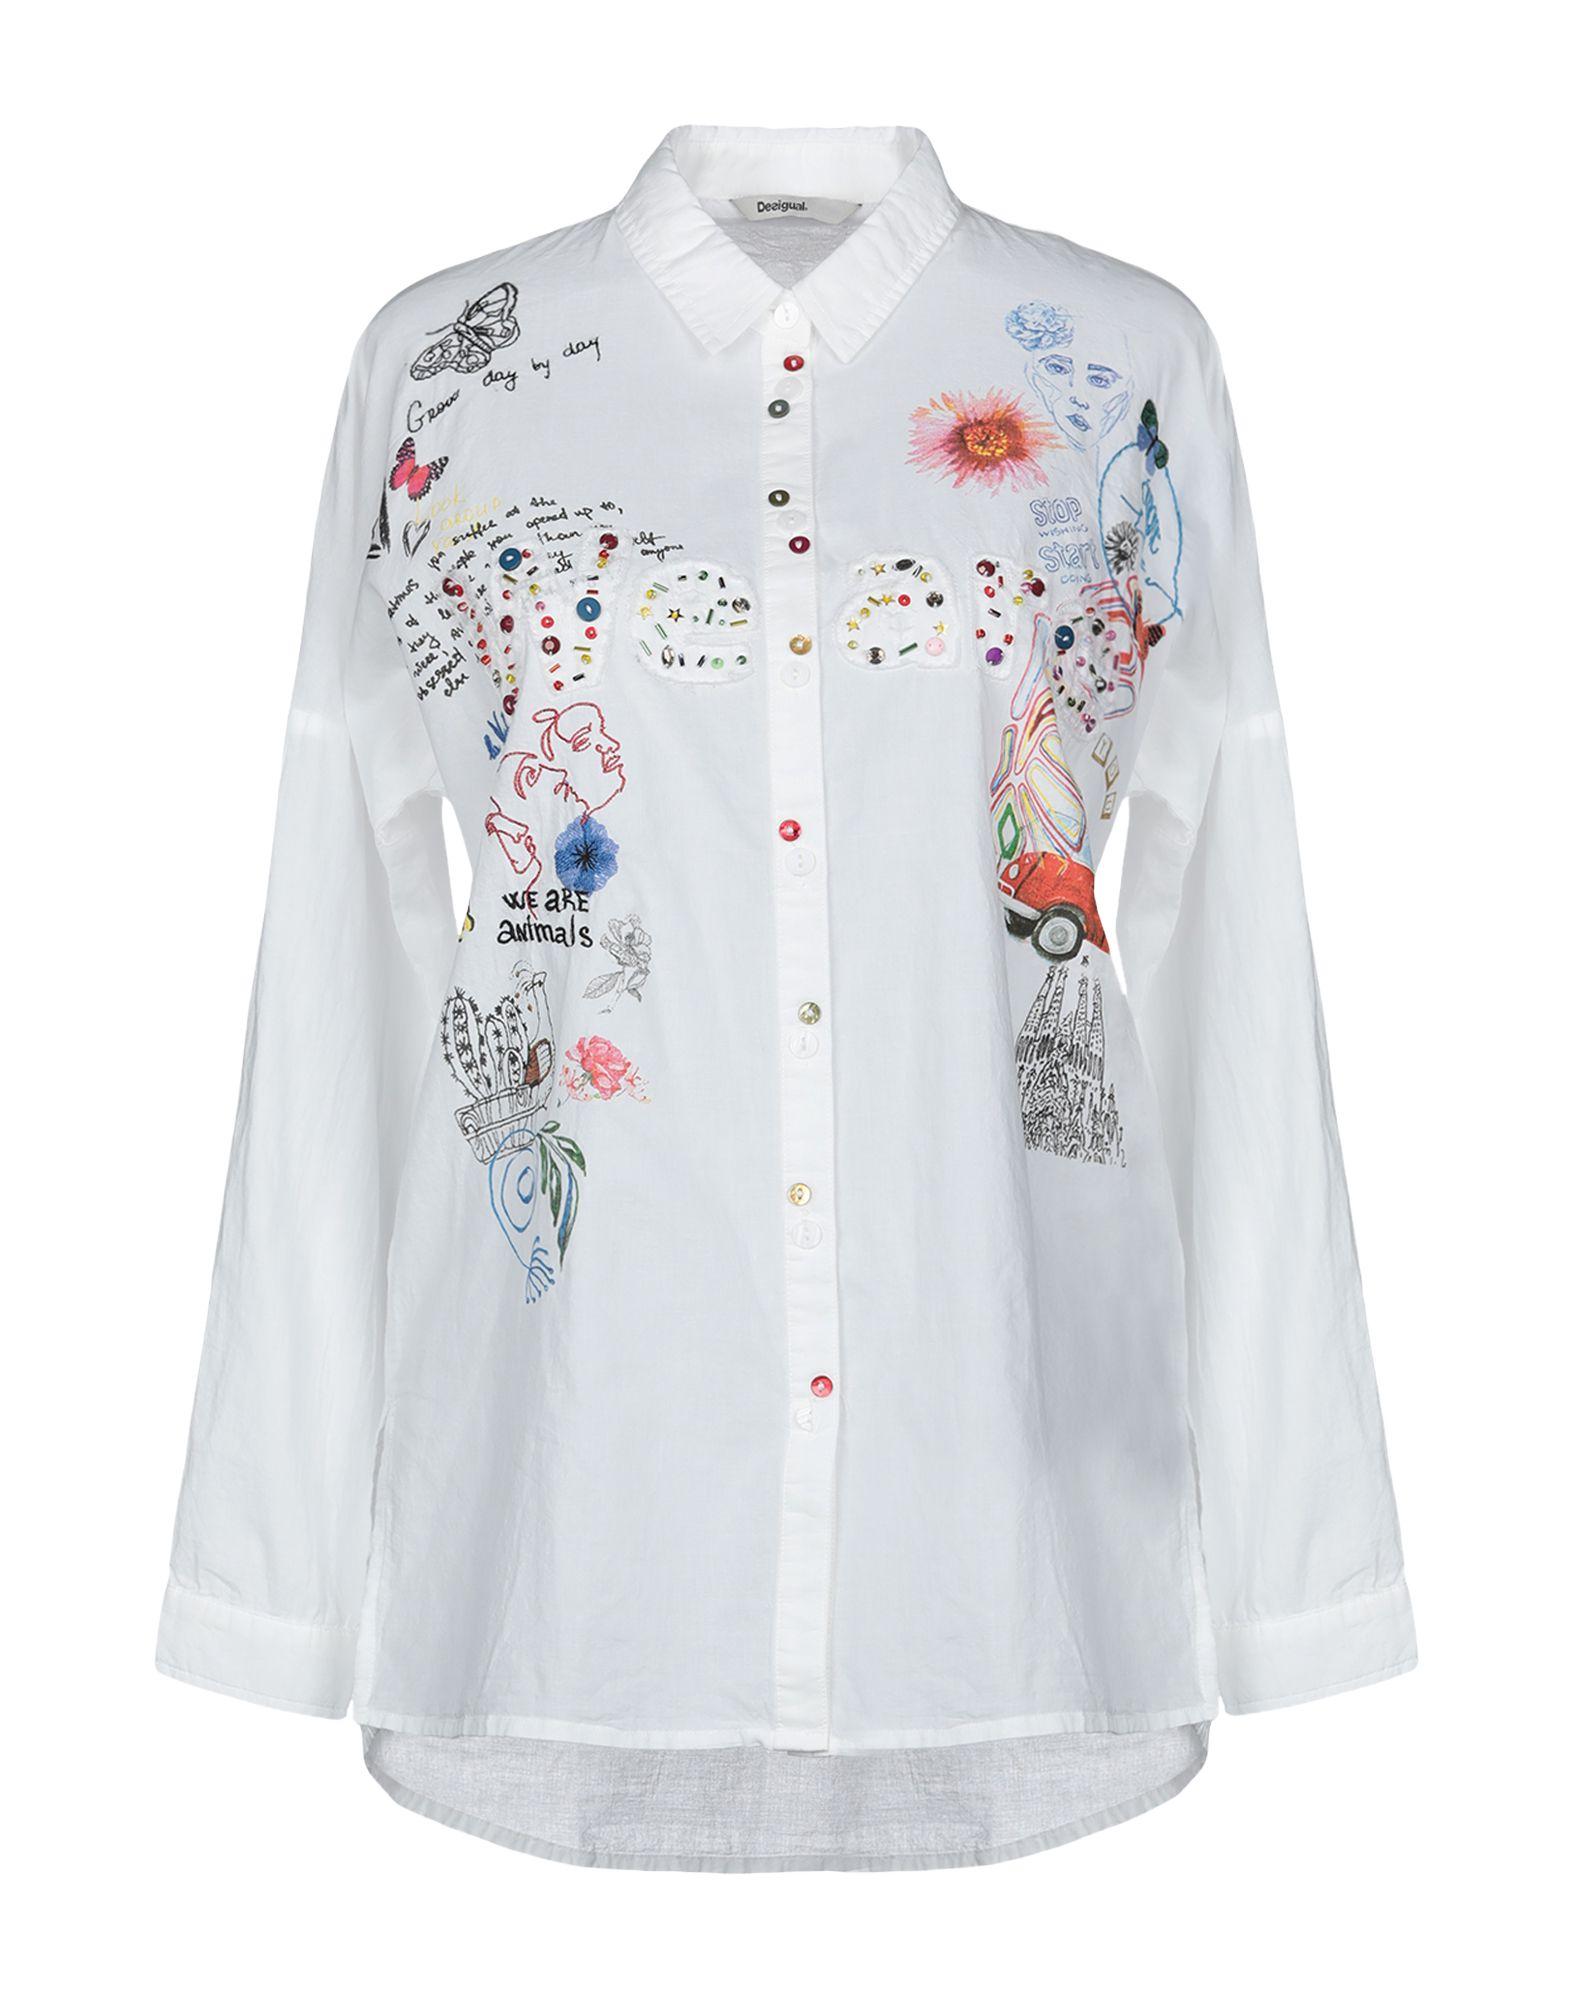 《送料無料》DESIGUAL レディース シャツ ホワイト XS コットン 100%